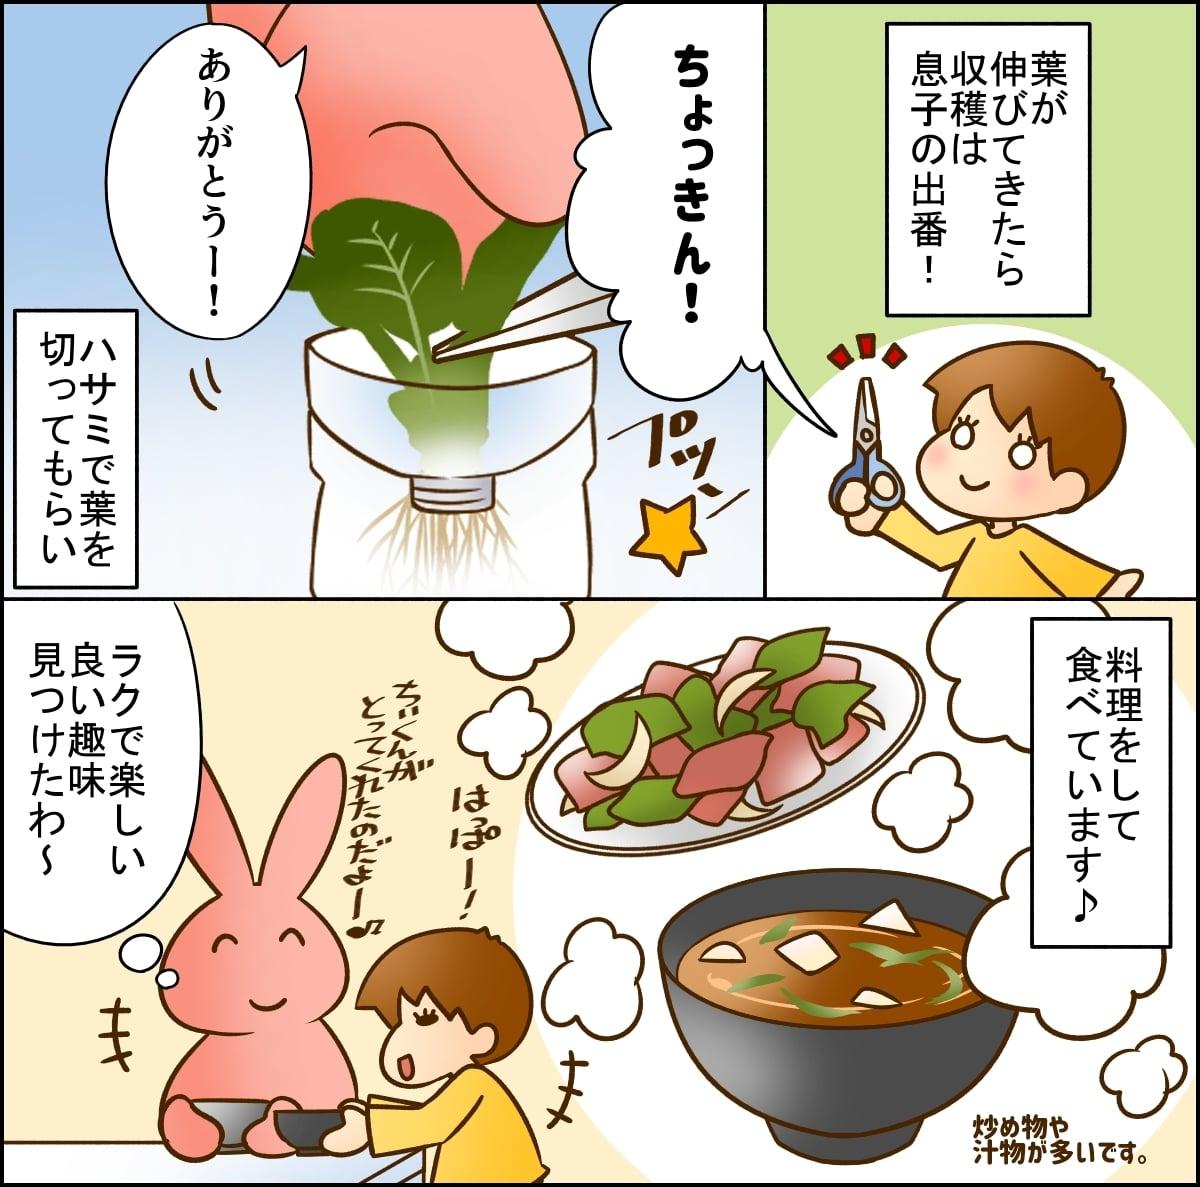 園芸が苦手でも大丈夫!「再生野菜」のキッチンガーデニングは気軽に楽しめる